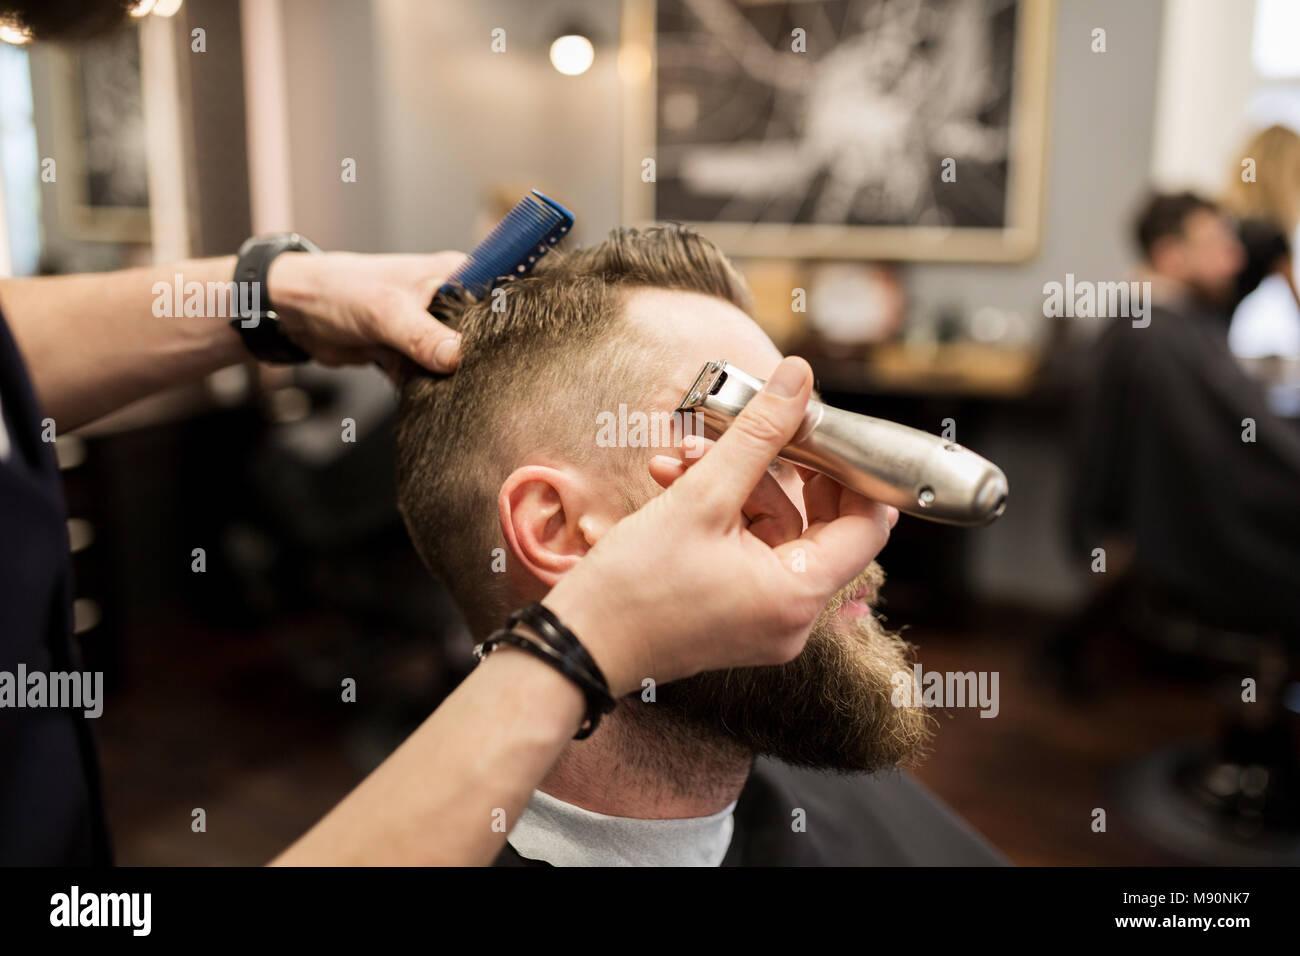 Retrato del hombre barbado siendo afeitado en Barber shop Foto de stock